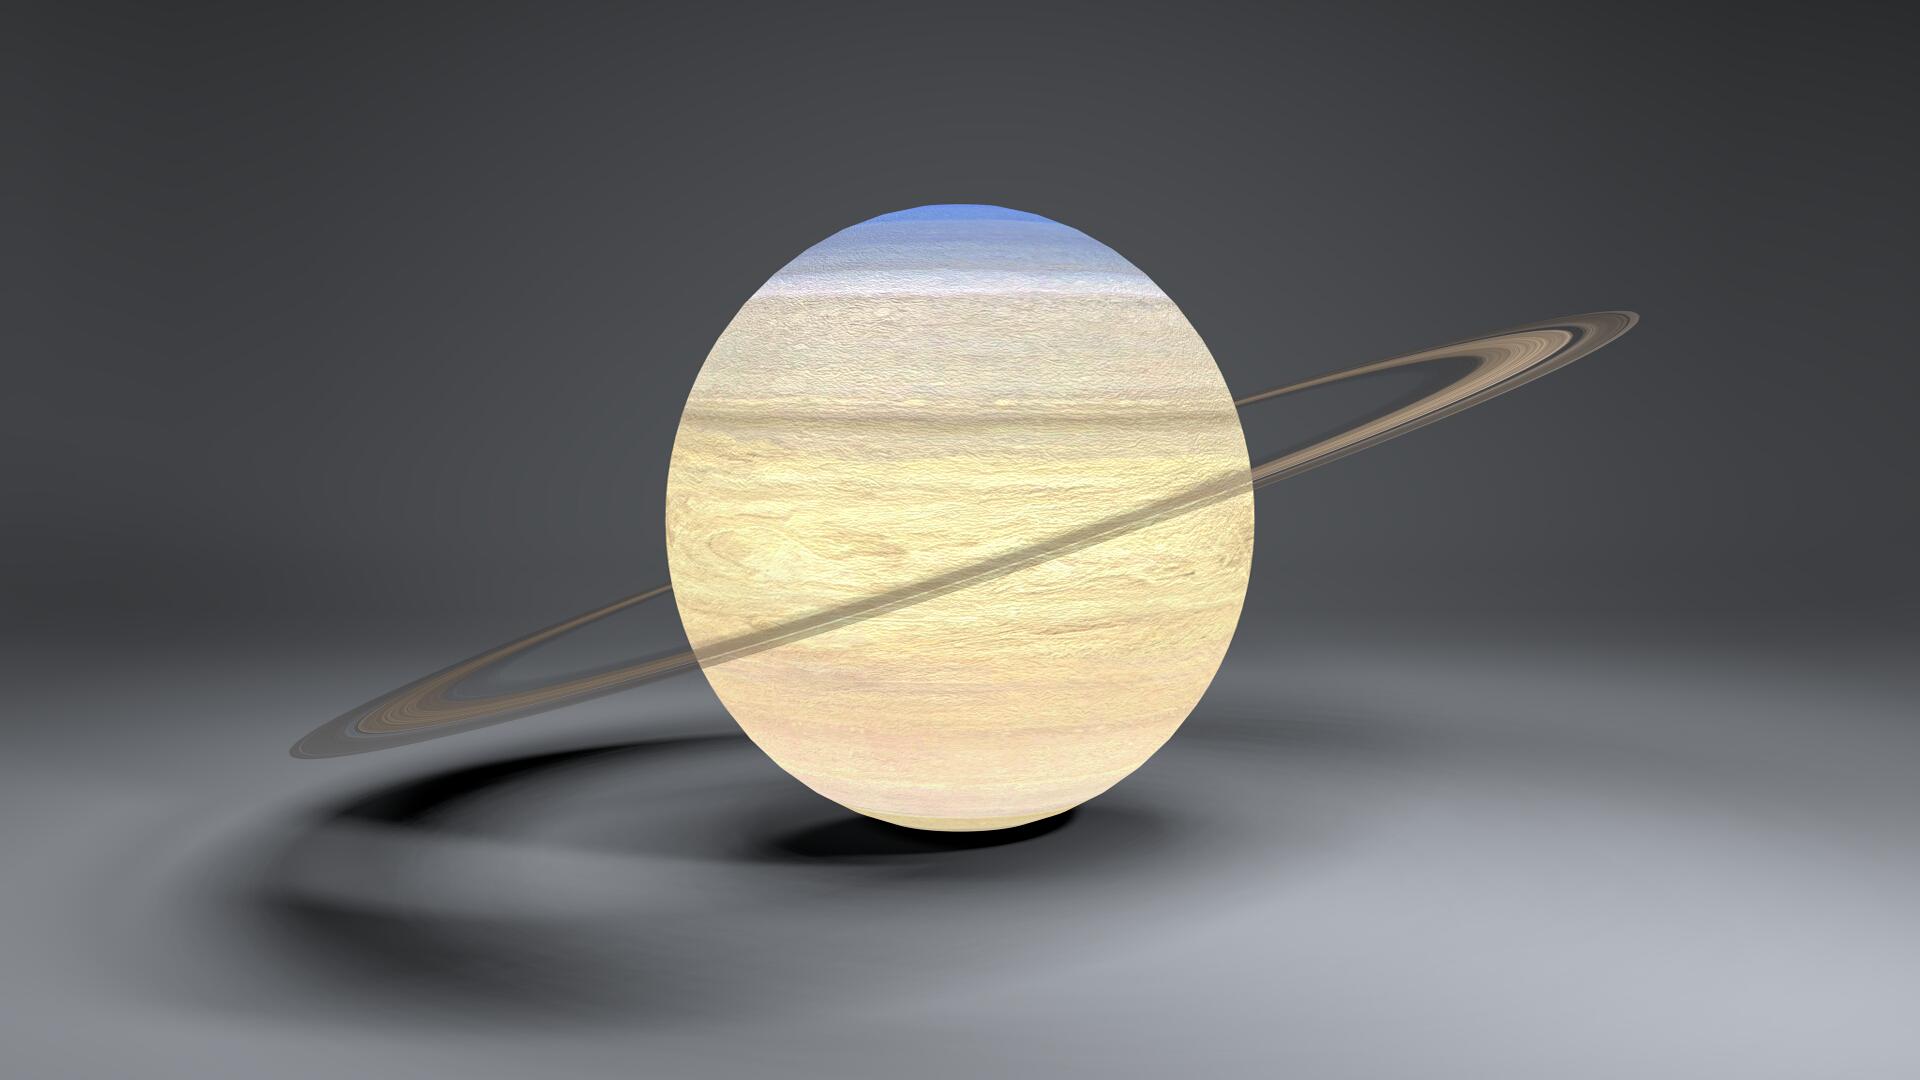 saturn 4k globe 3d model 3ds fbx blend dae obj 269055